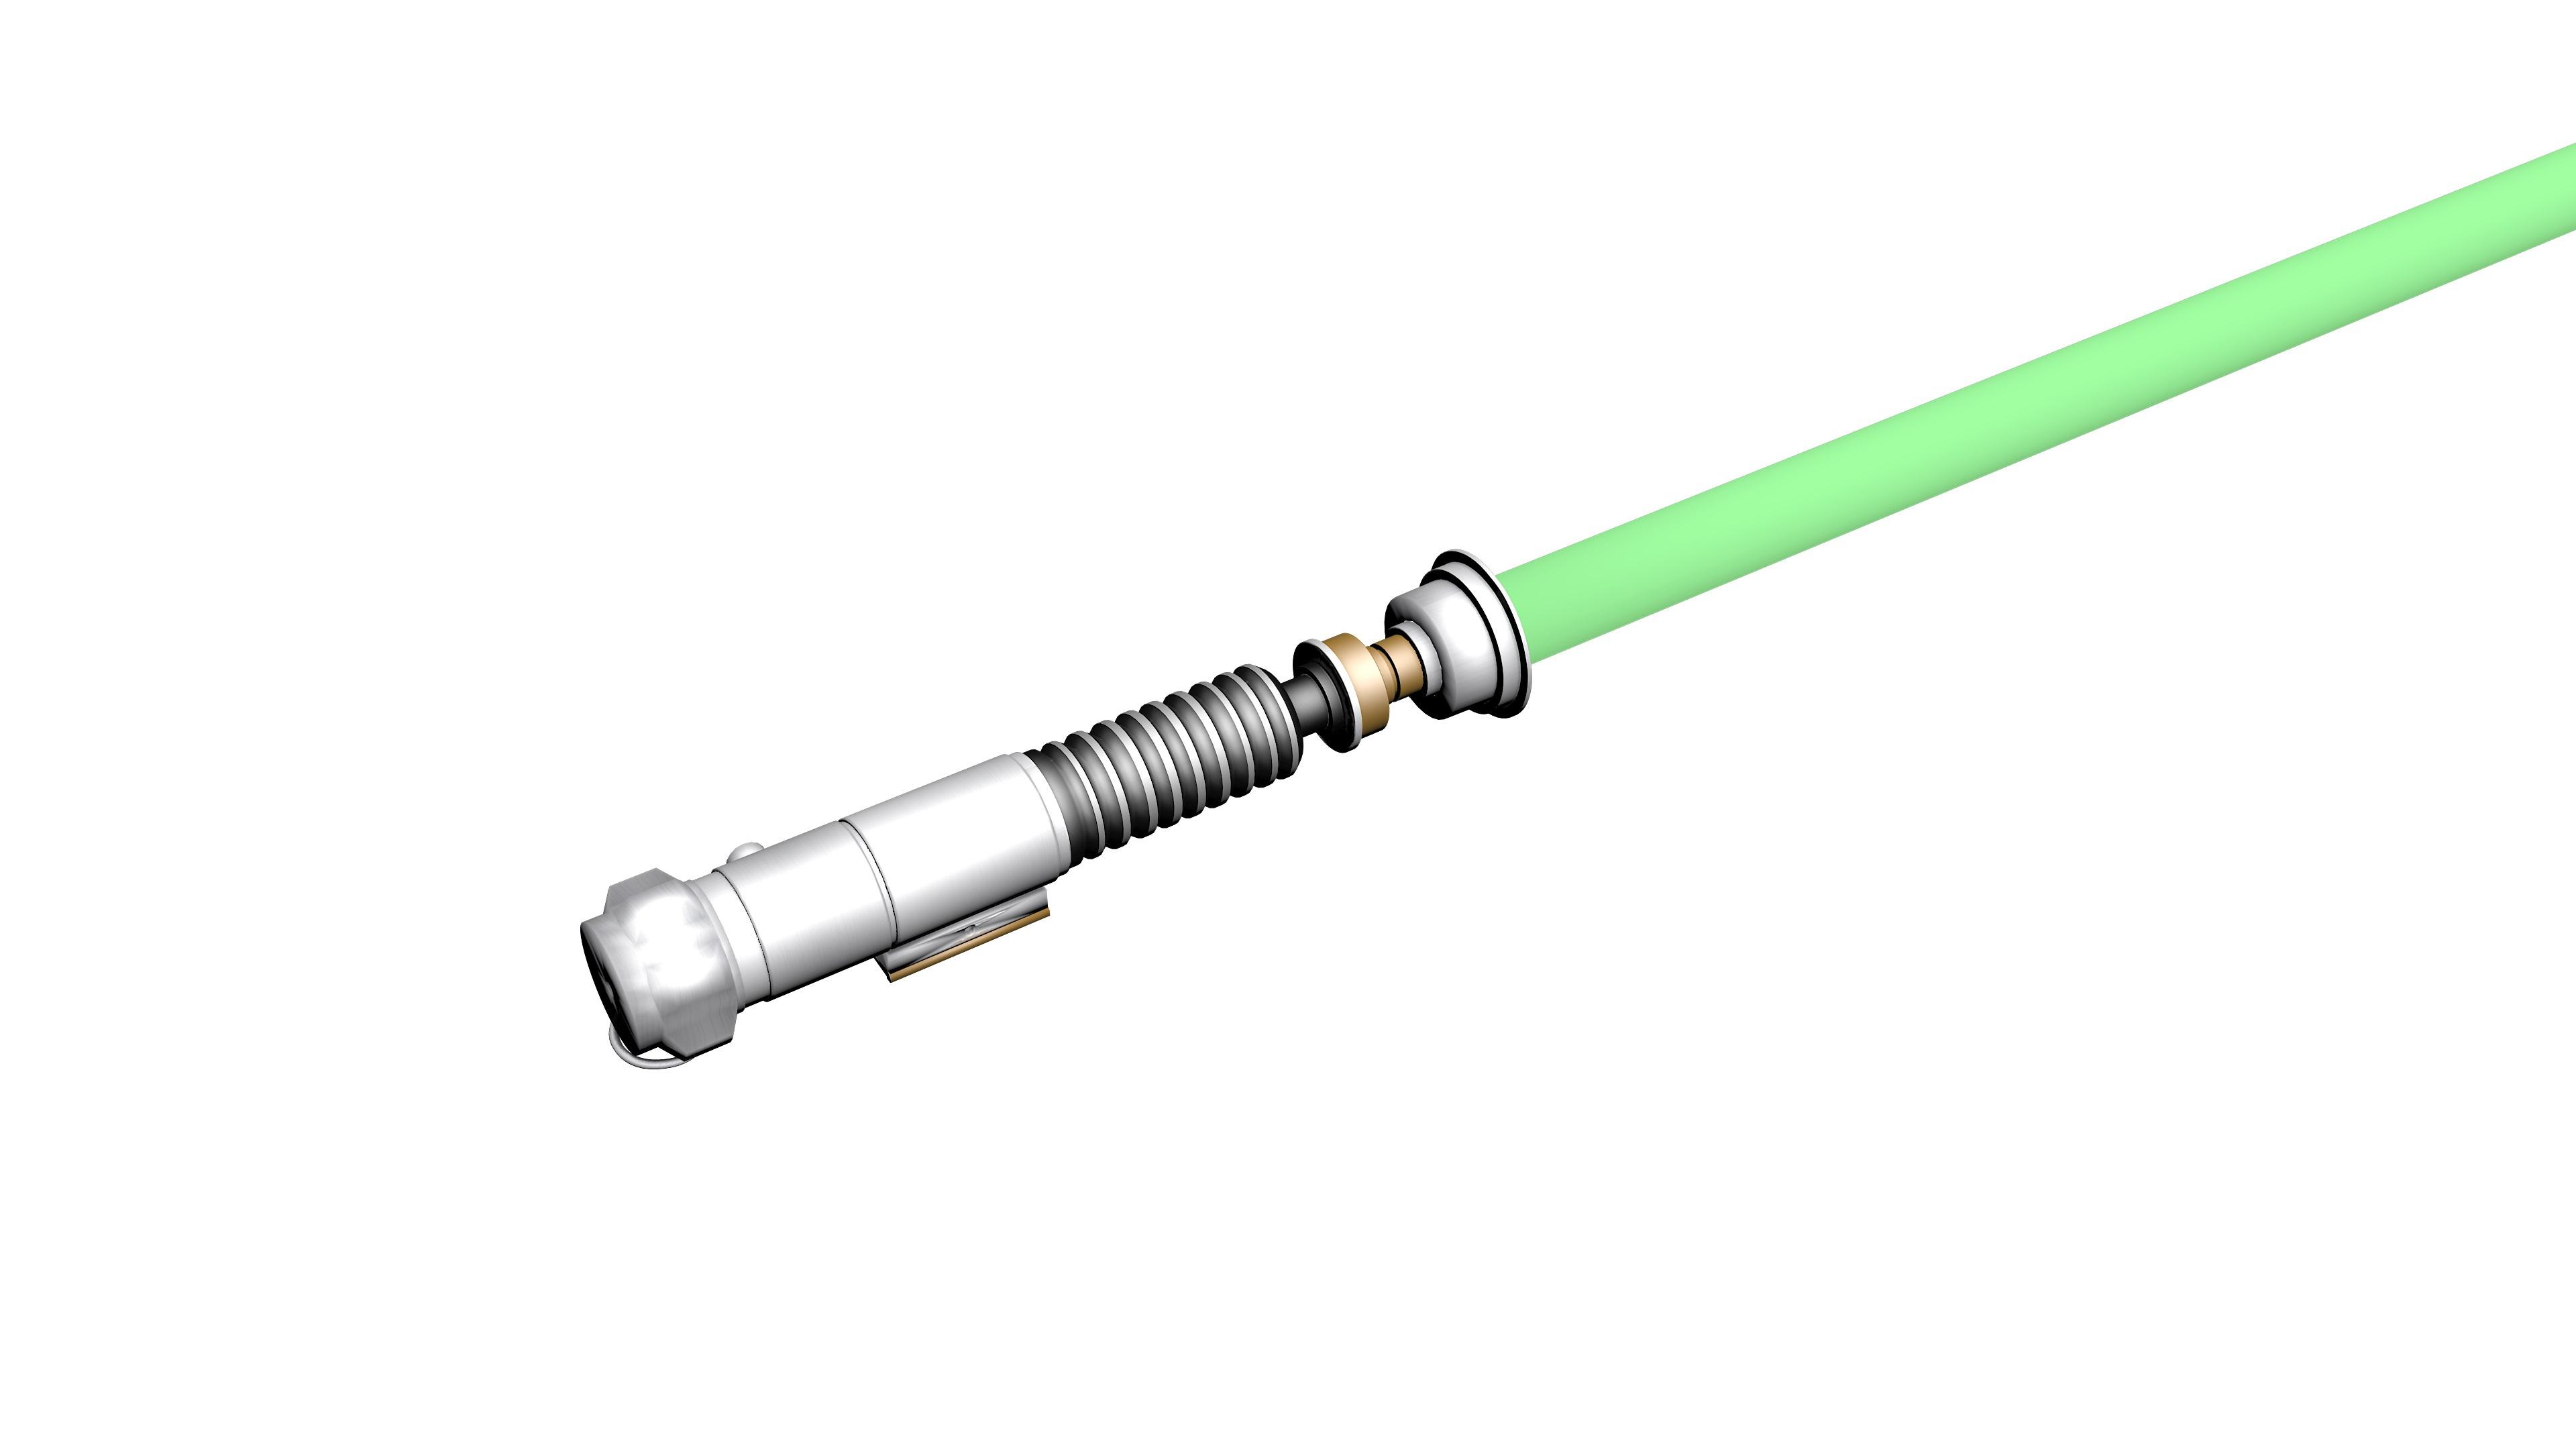 Star Wars Toy Light Saber Gta5 Mods Com